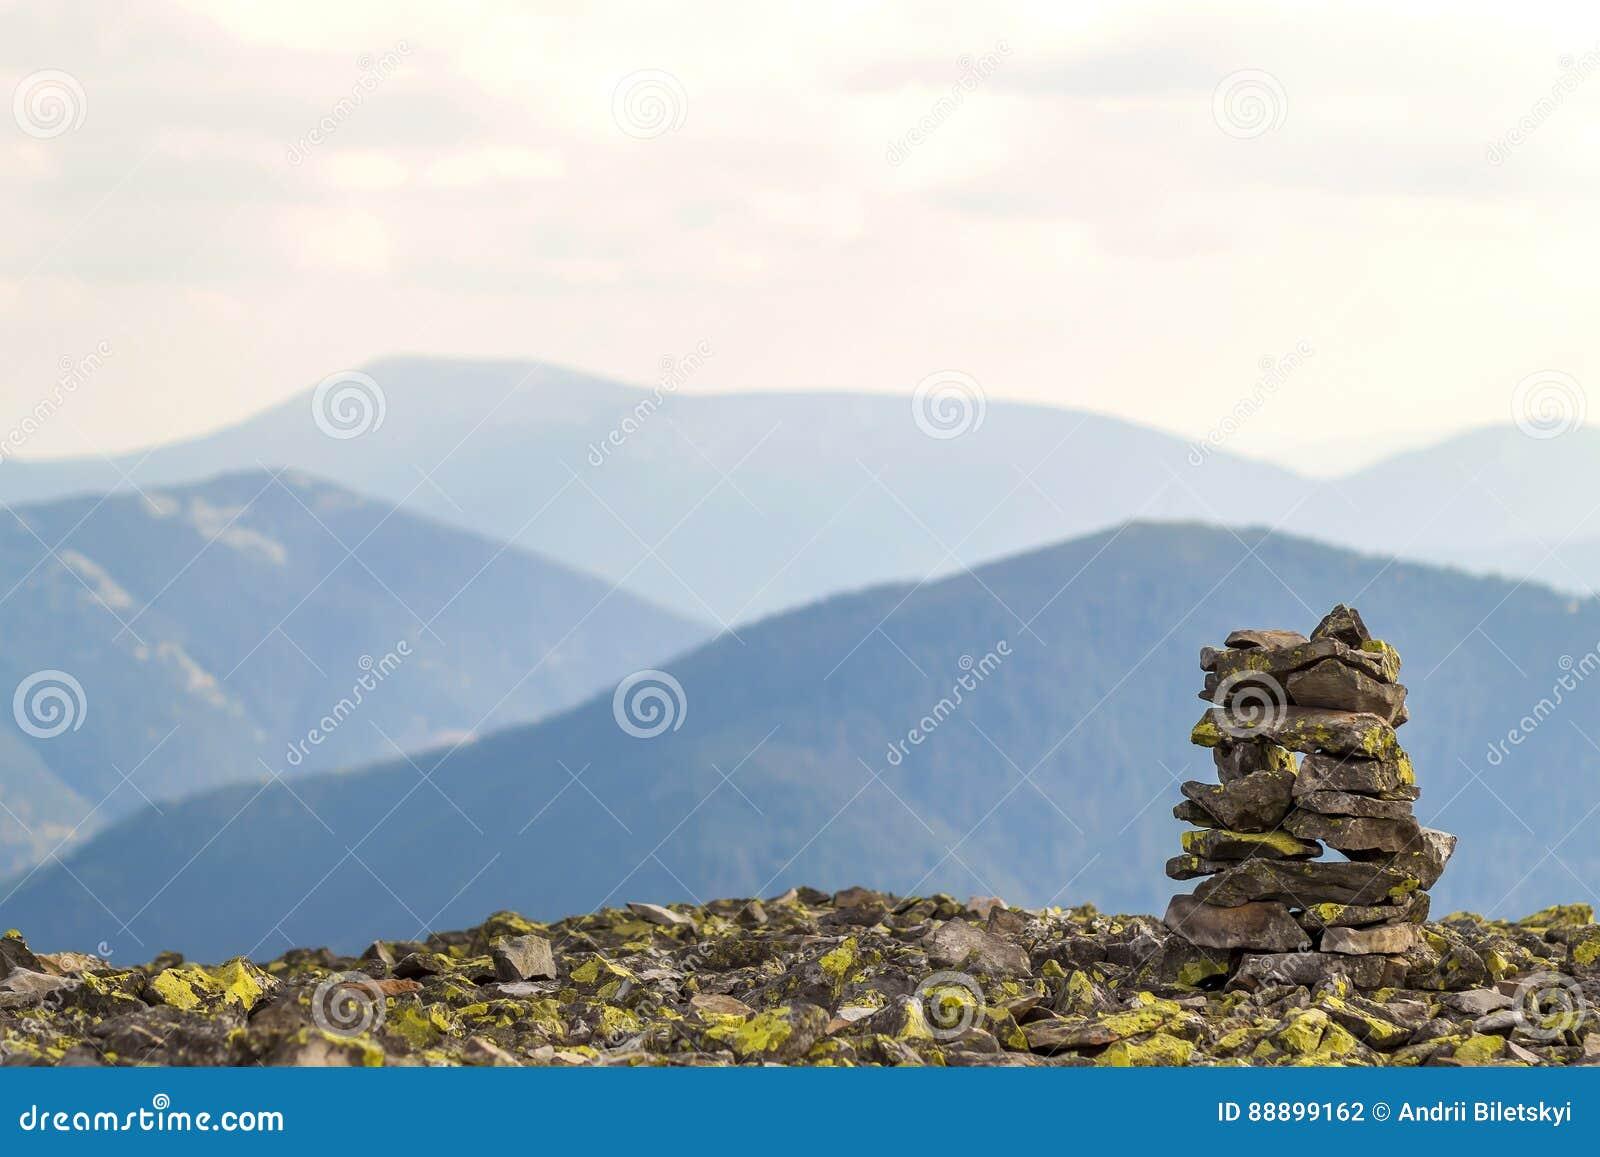 石标或岩石堆在忽略hig的山上面